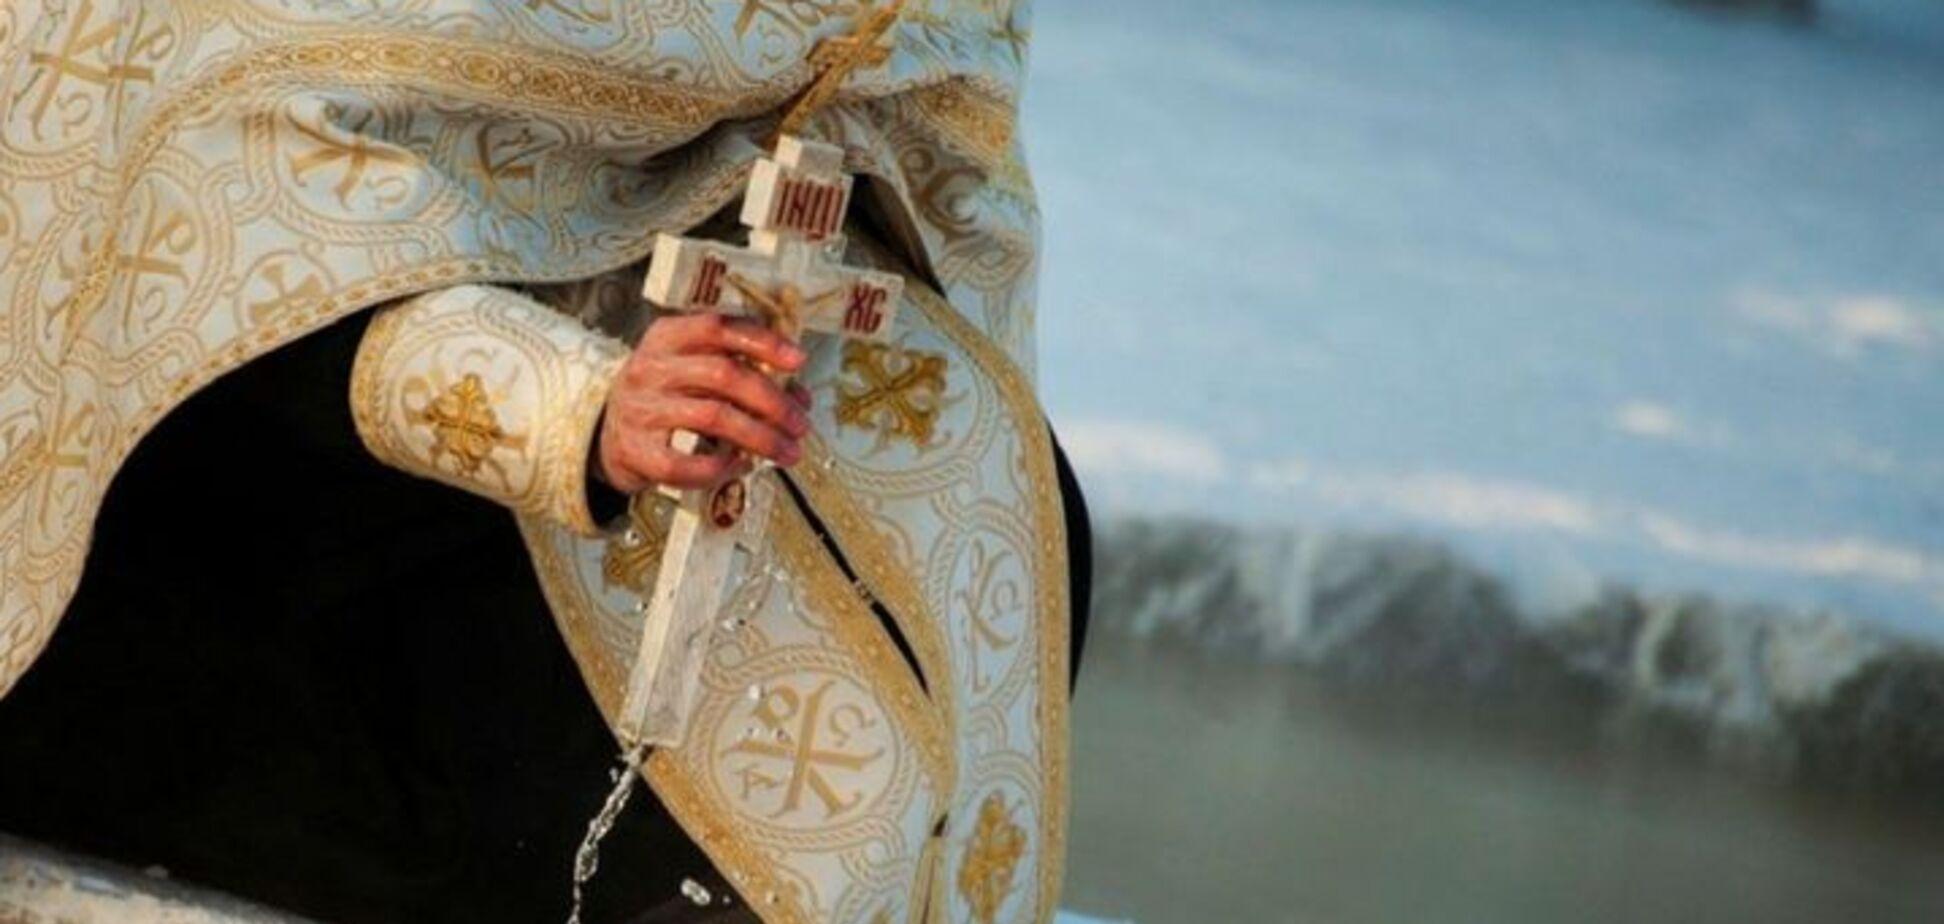 Як святити воду на Водохреще: що не можна робити 19 січня